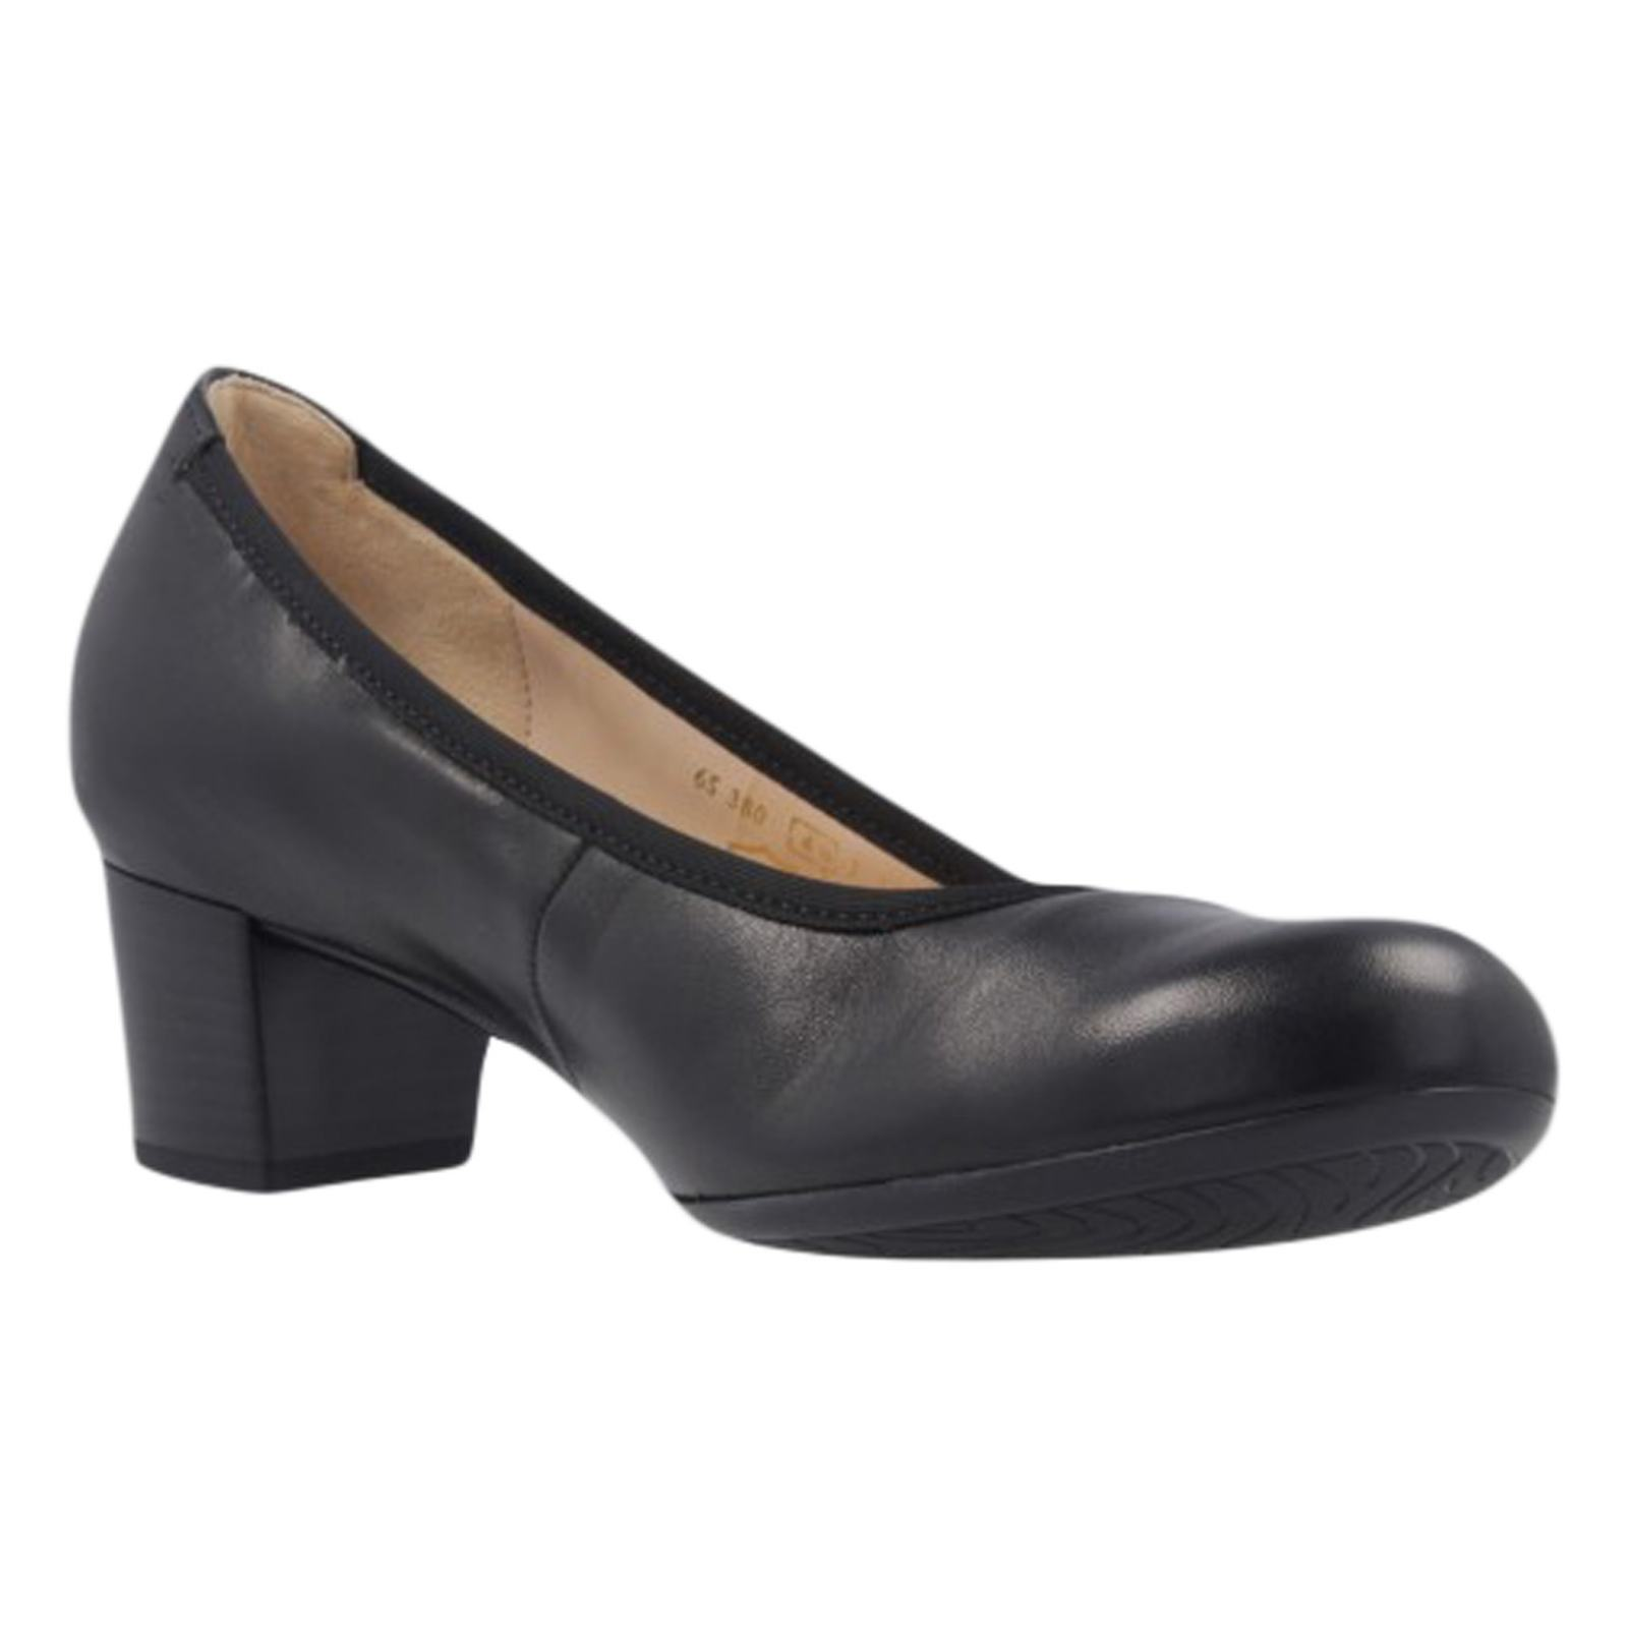 کفش زنانه گابور مدل 65.380.27 main 1 3